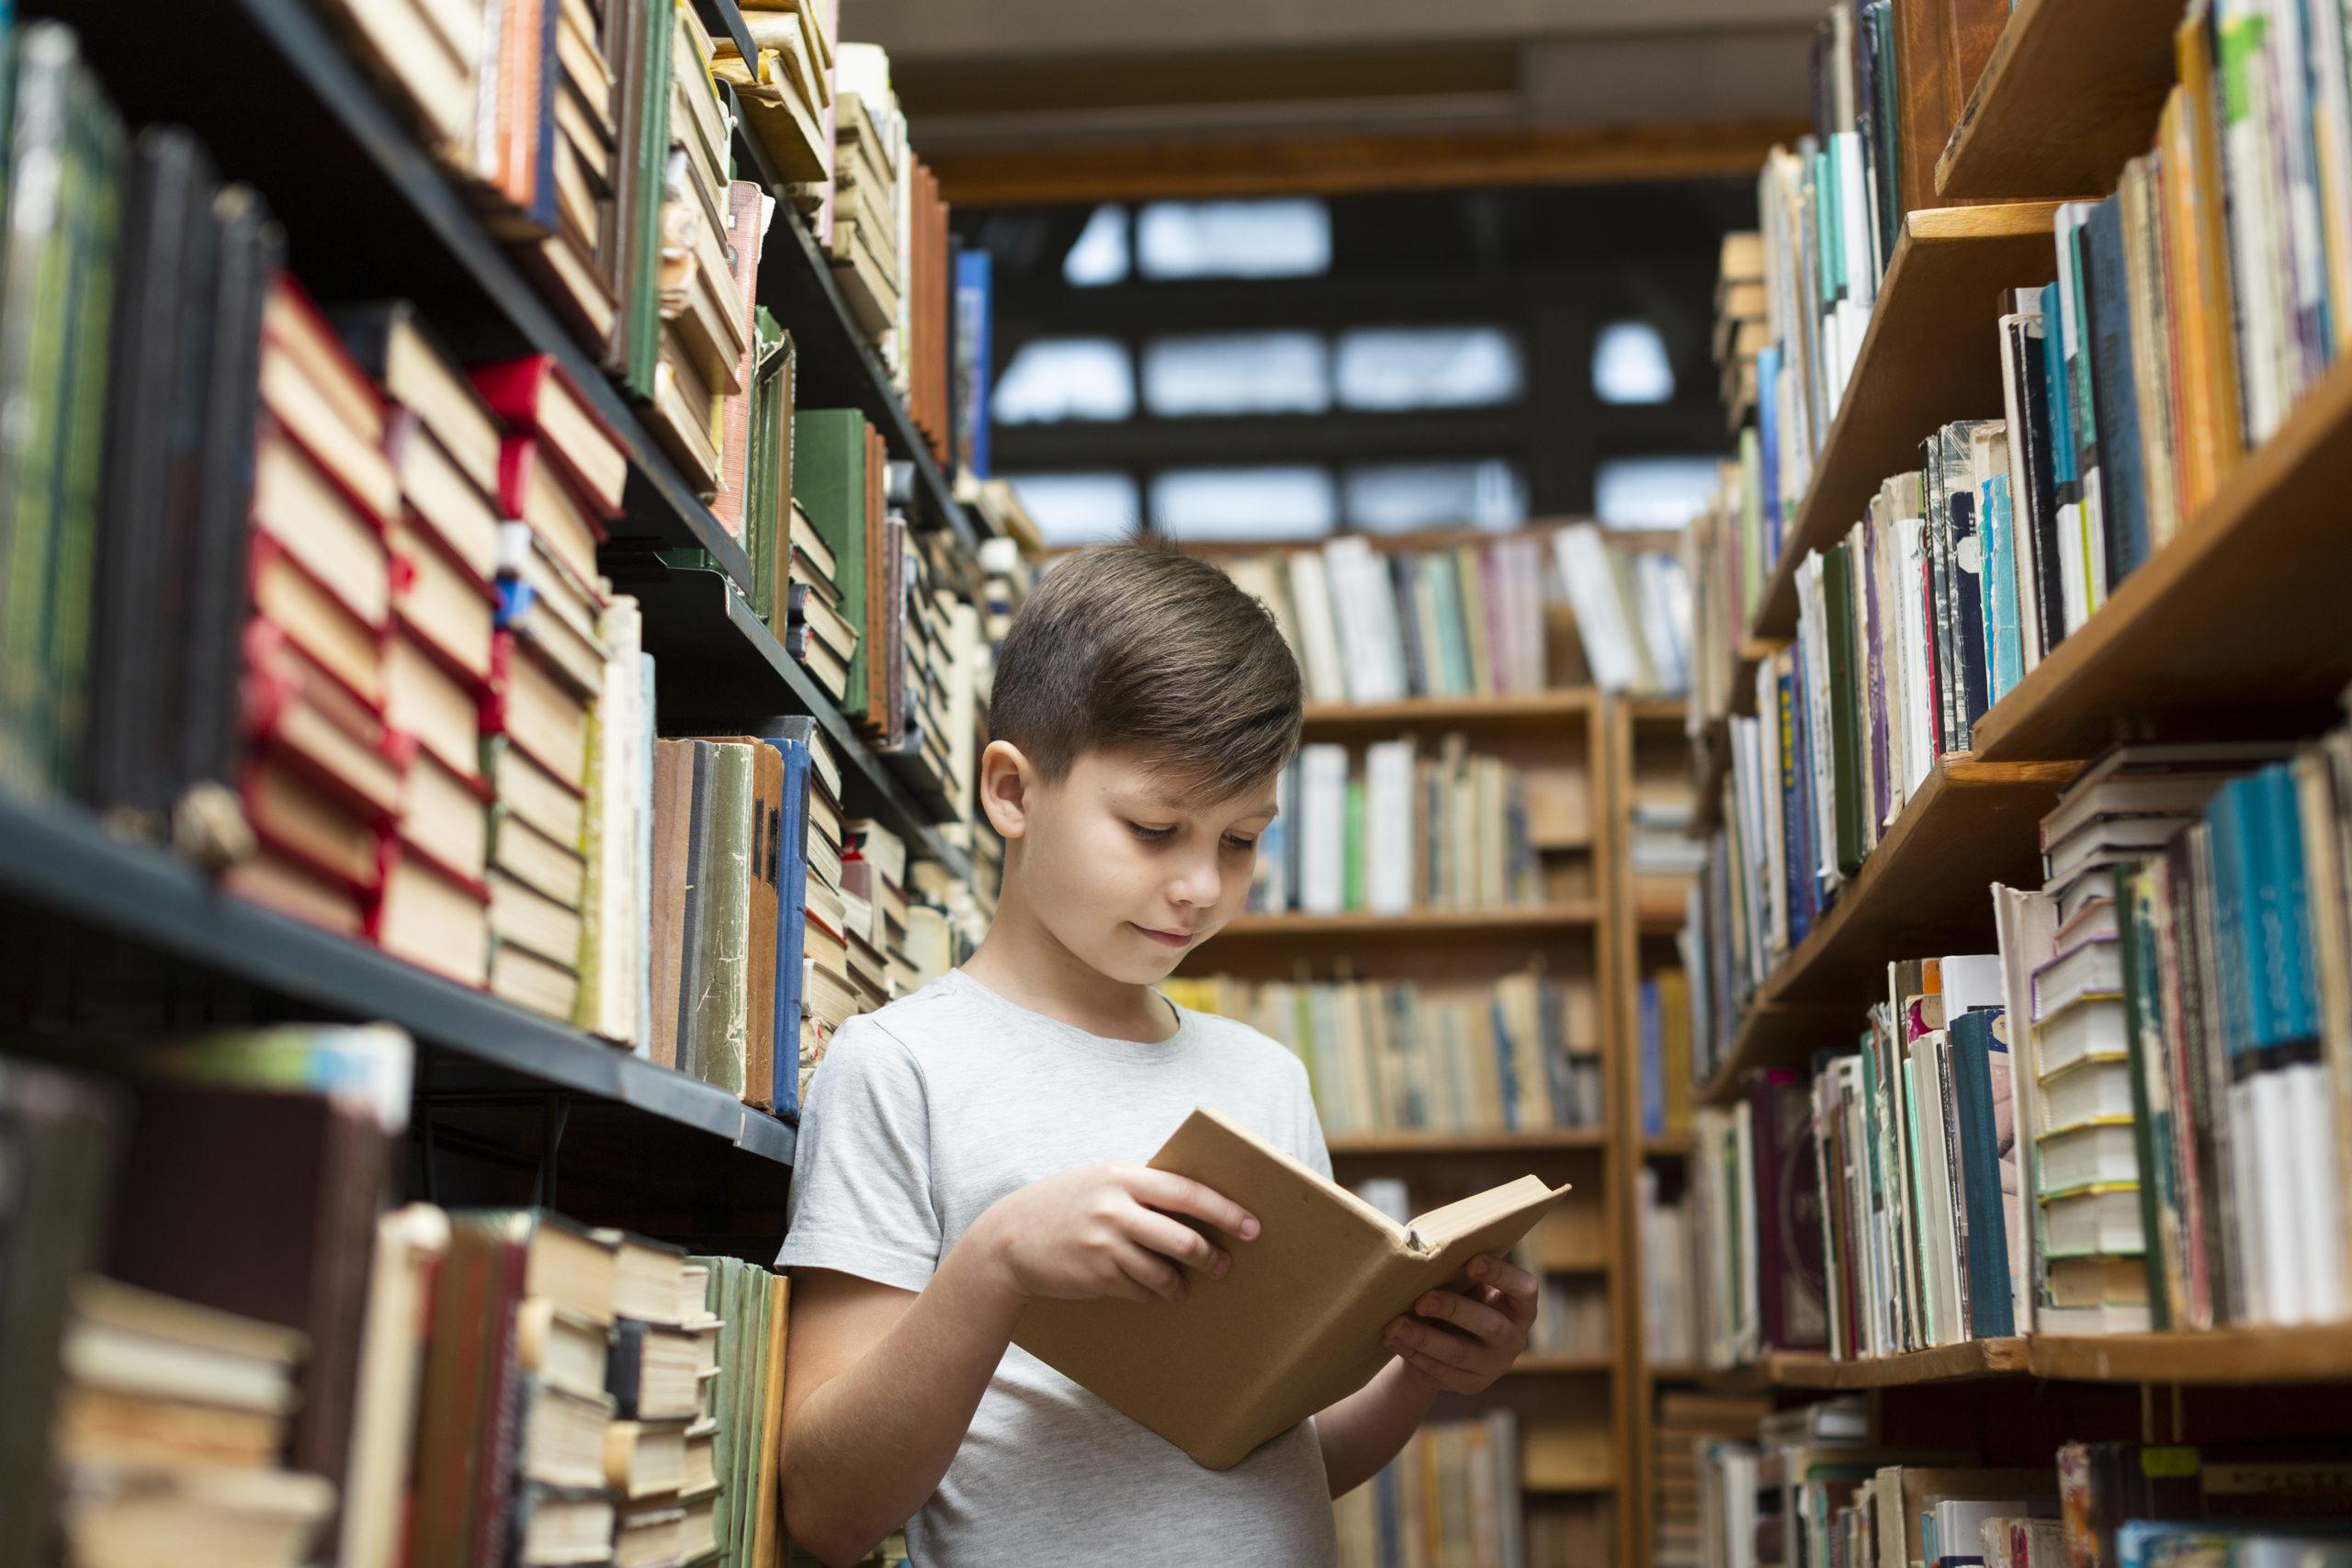 Dječak čita knjigu u knjižnici između polica